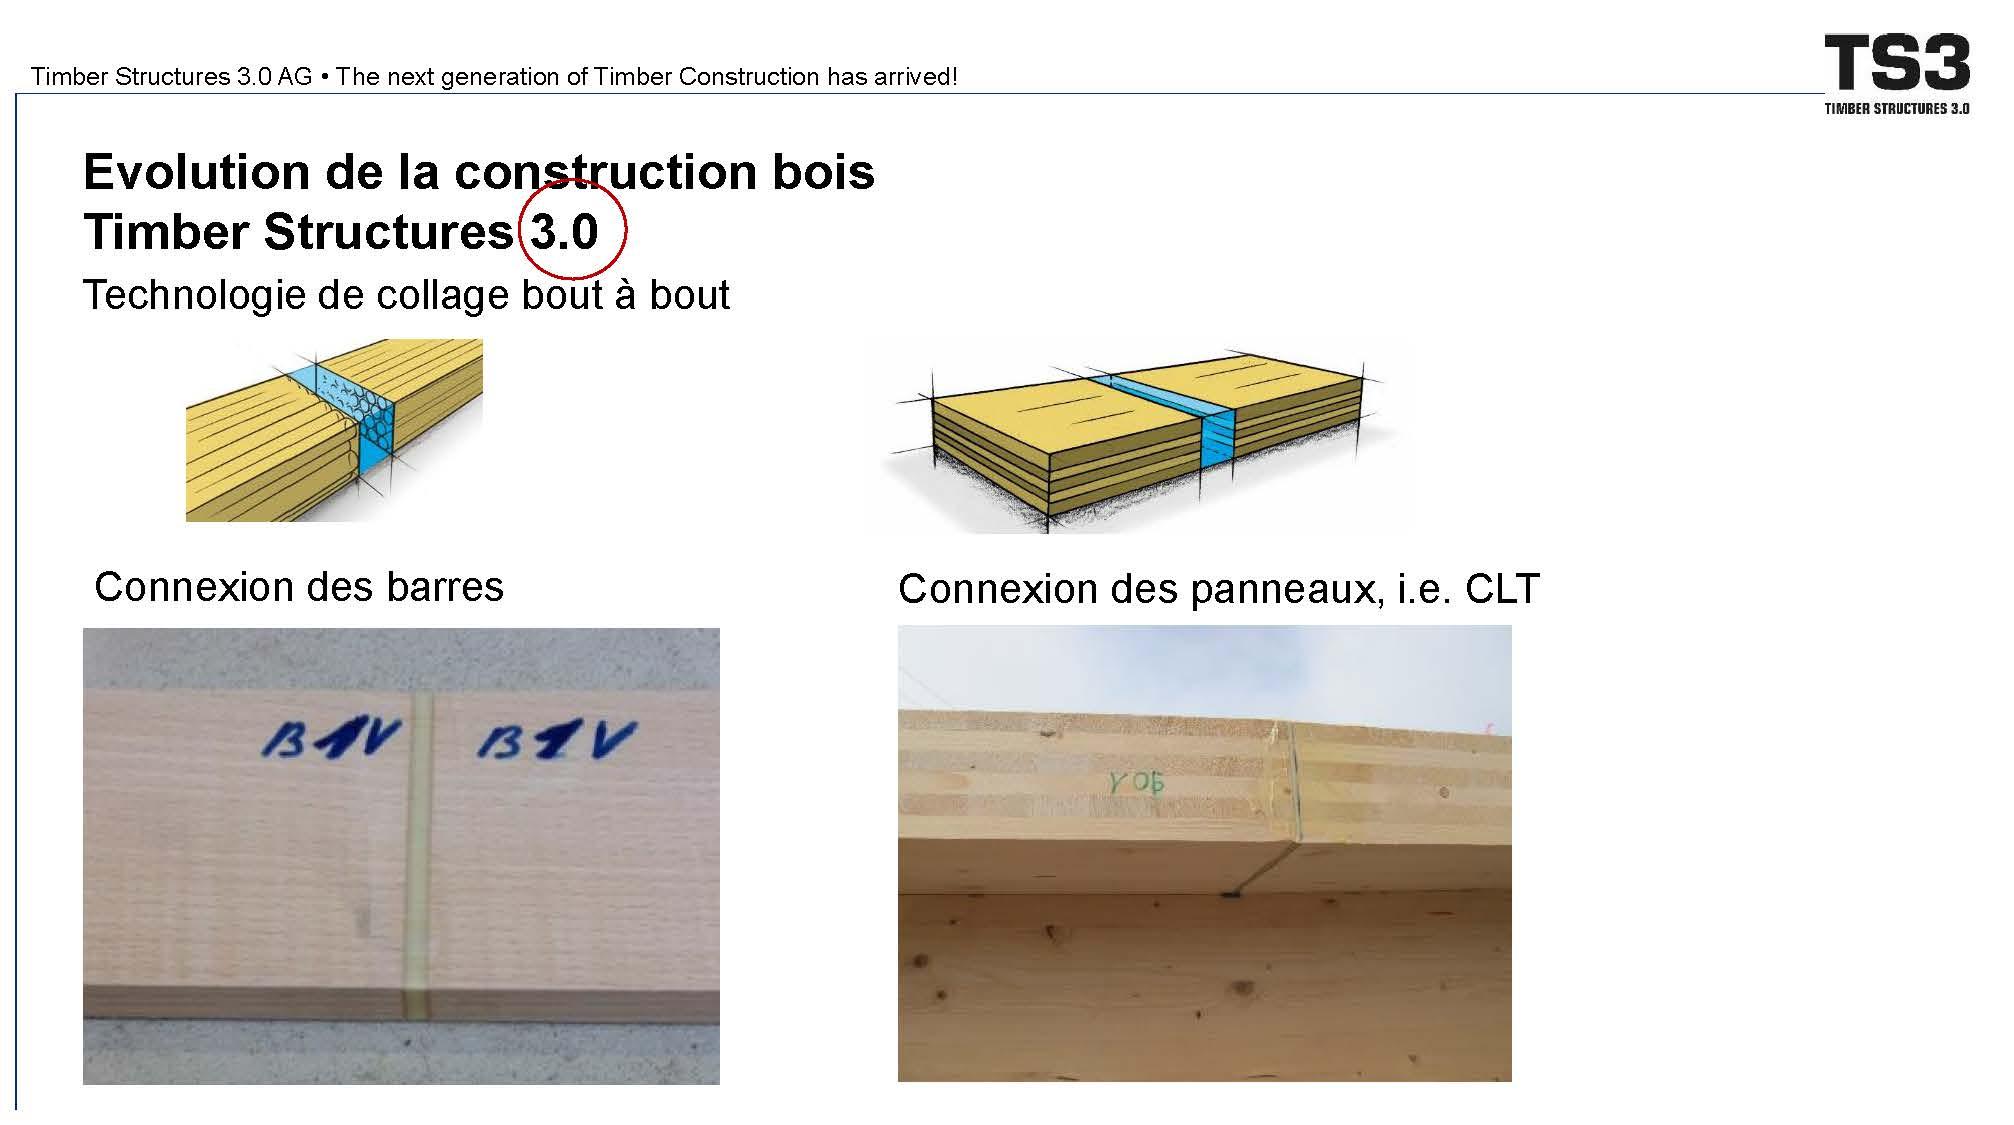 La surface de plancher de la construction sentend de la somme des surfaces.